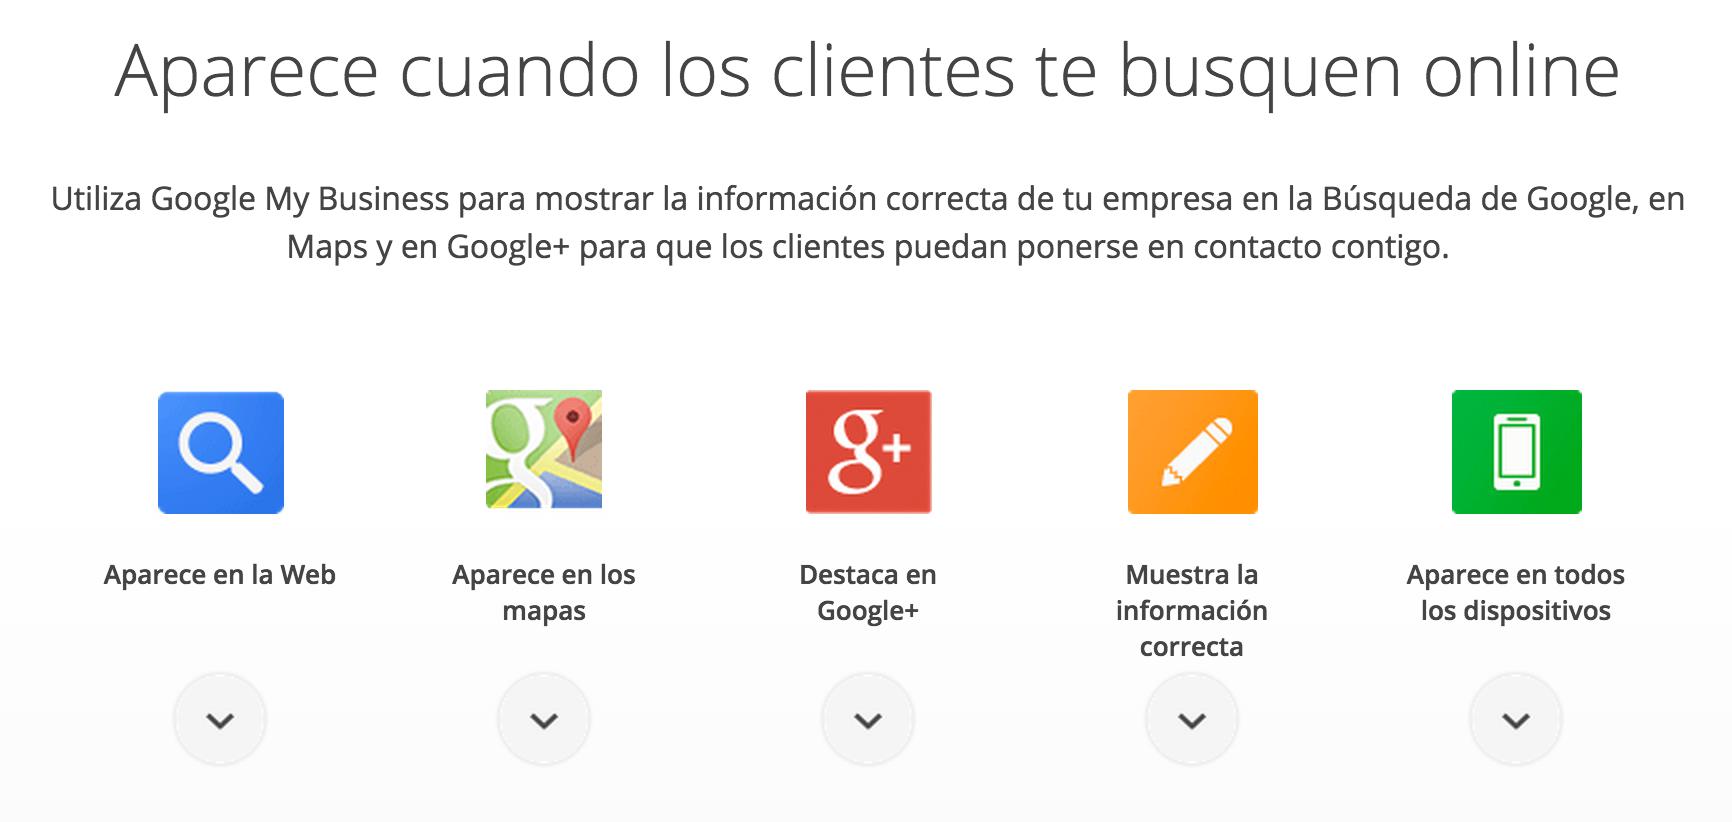 Google My Business, como puede ayudar a que tu negocio sea Visible